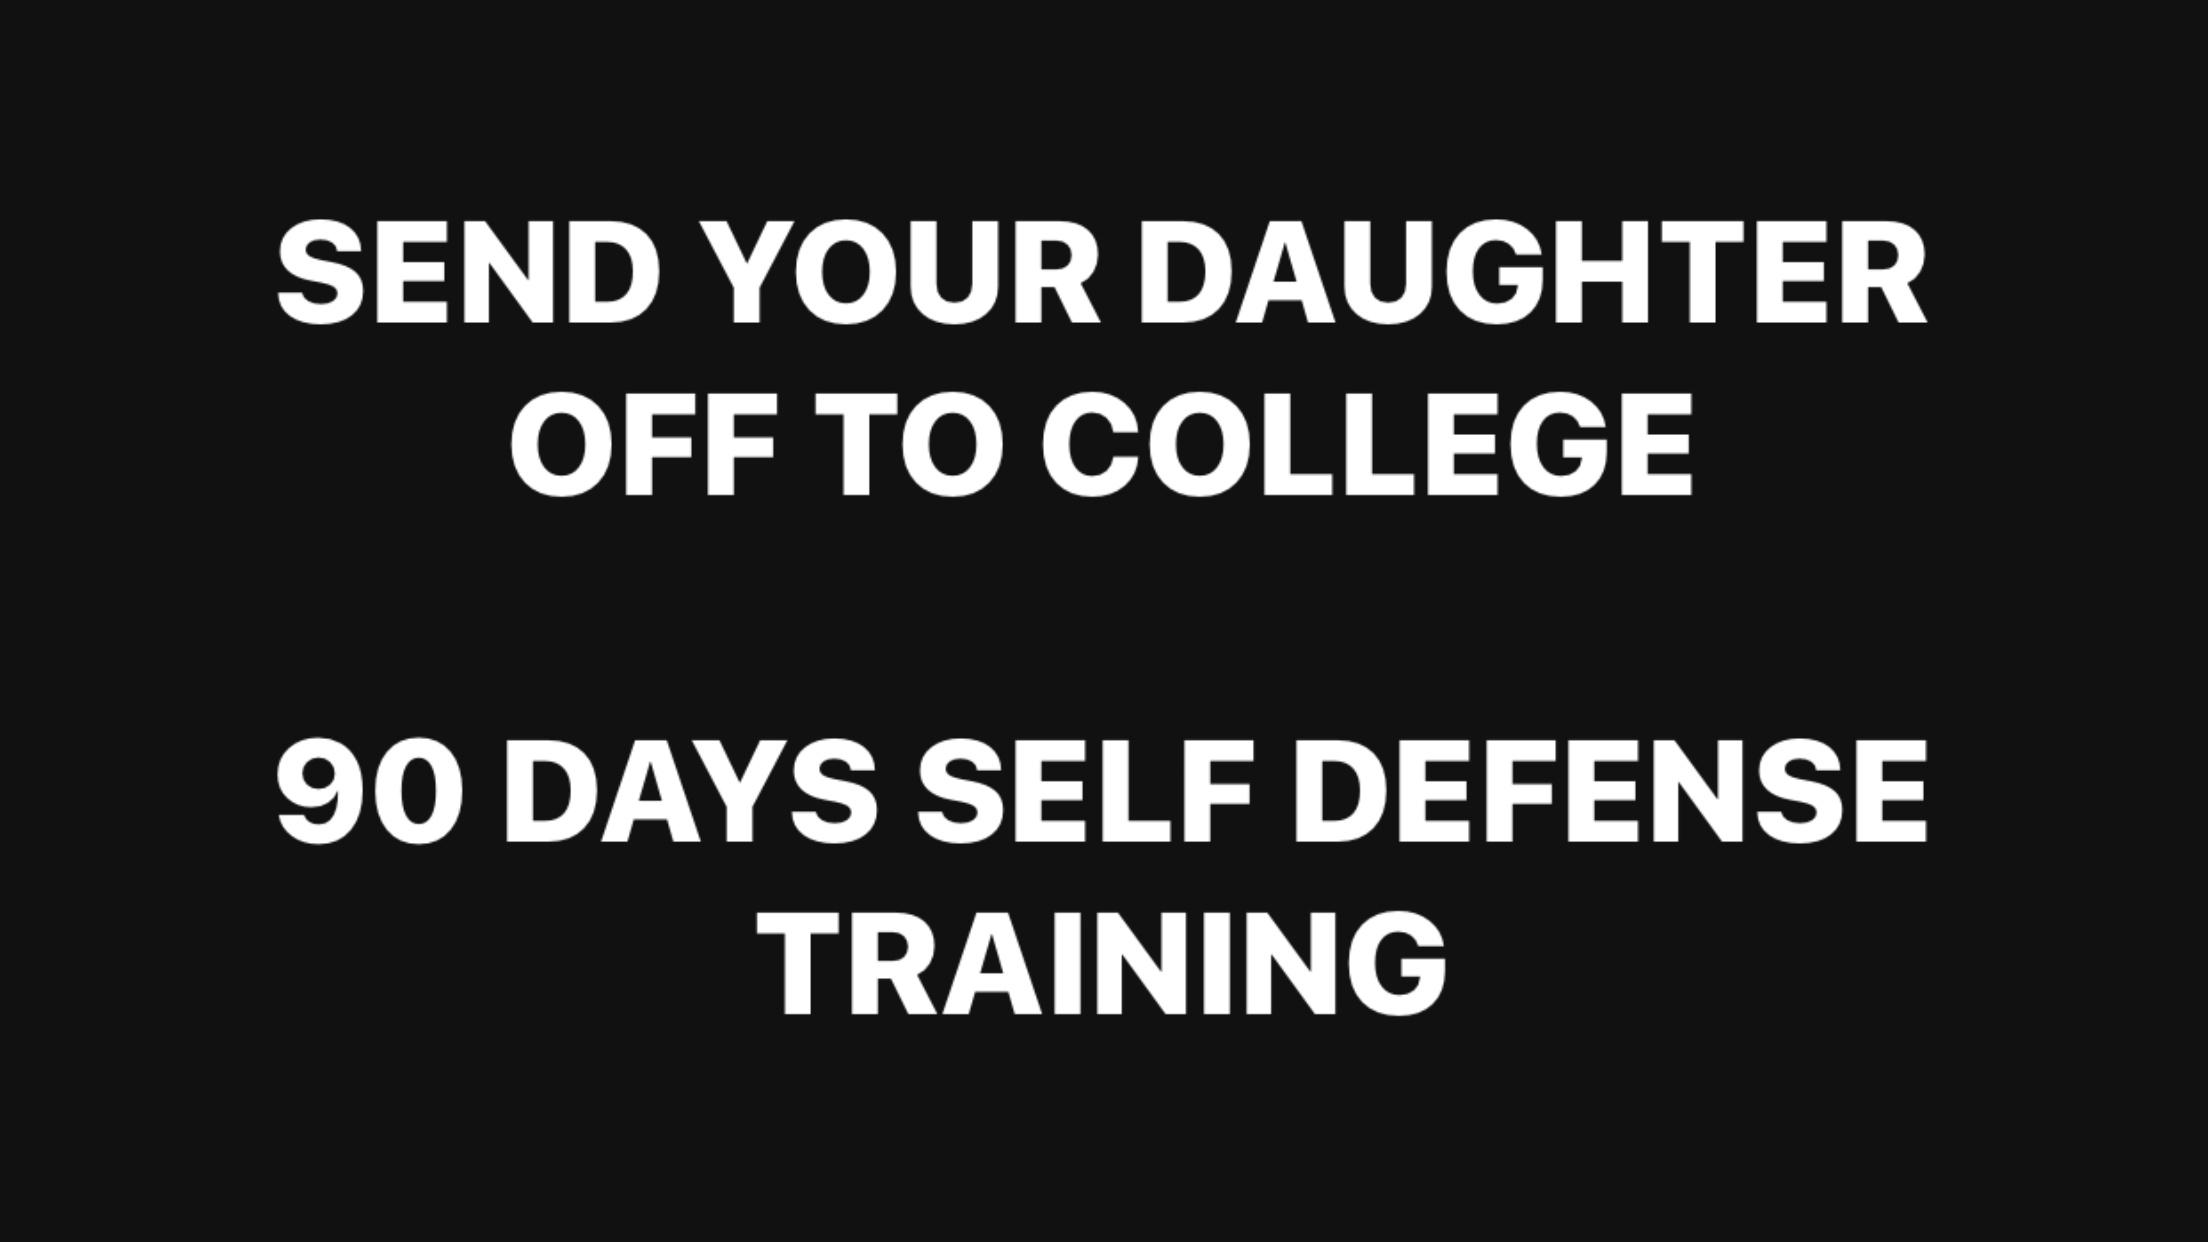 https://0201.nccdn.net/1_2/000/000/0a1/a8f/college-2208x1242.jpg